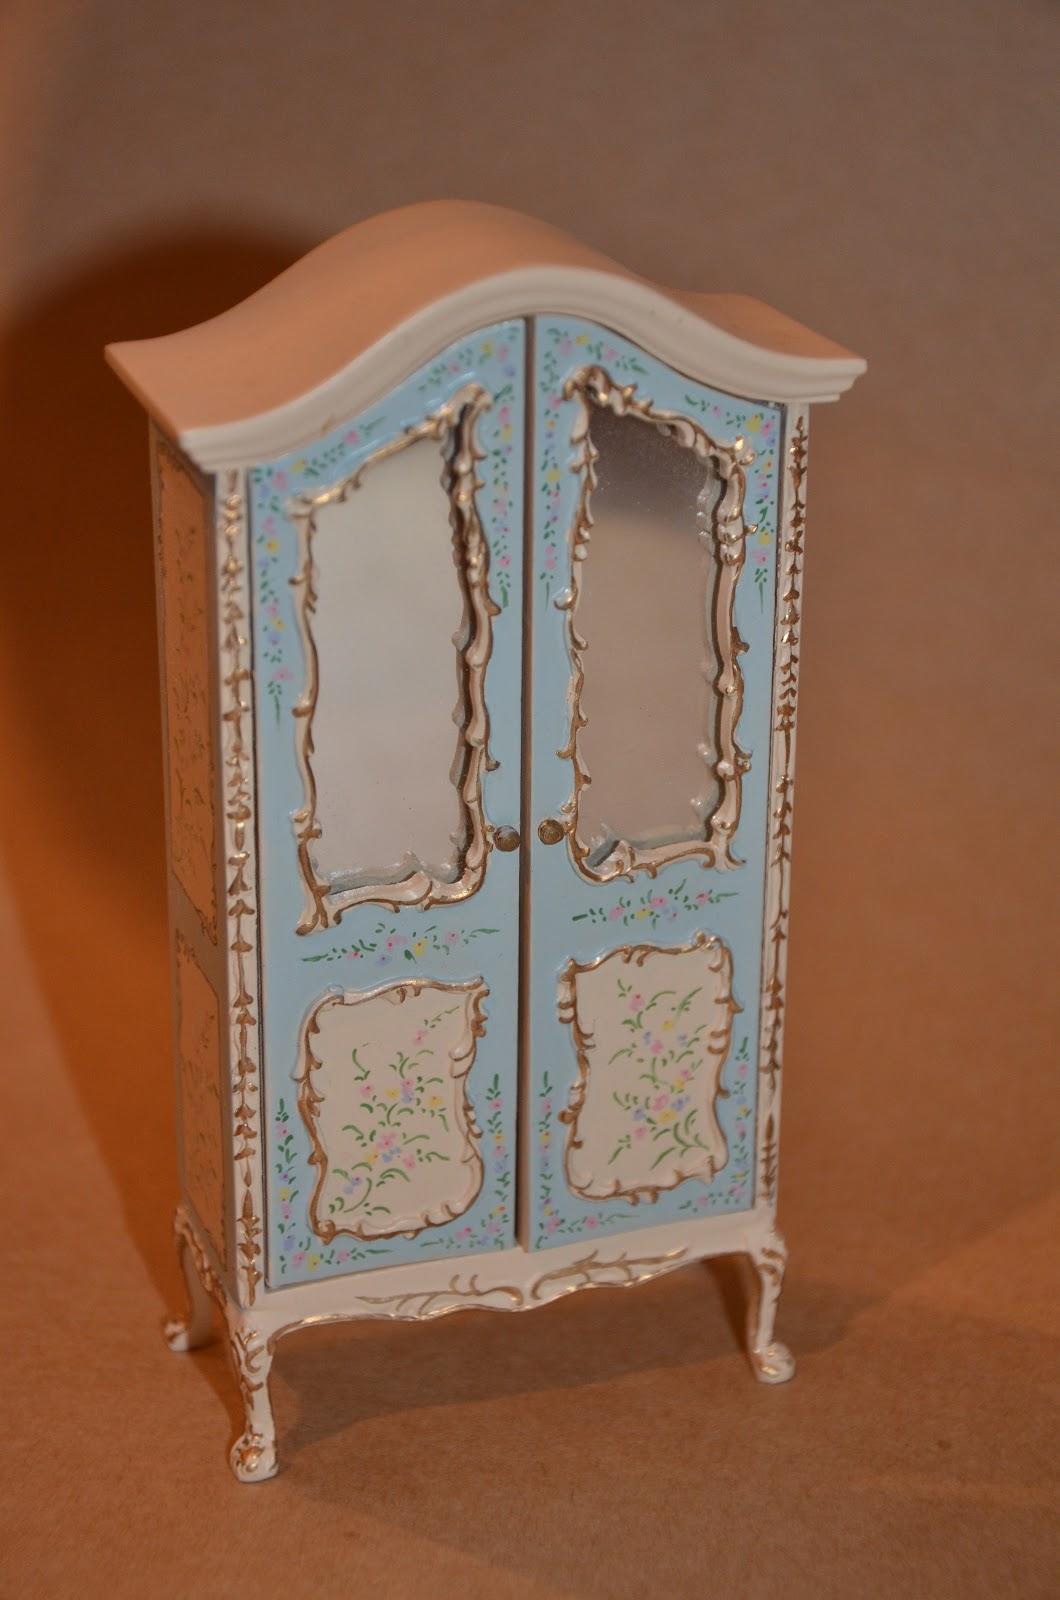 Ninas miniatyrer og dukkehus: Bespaq